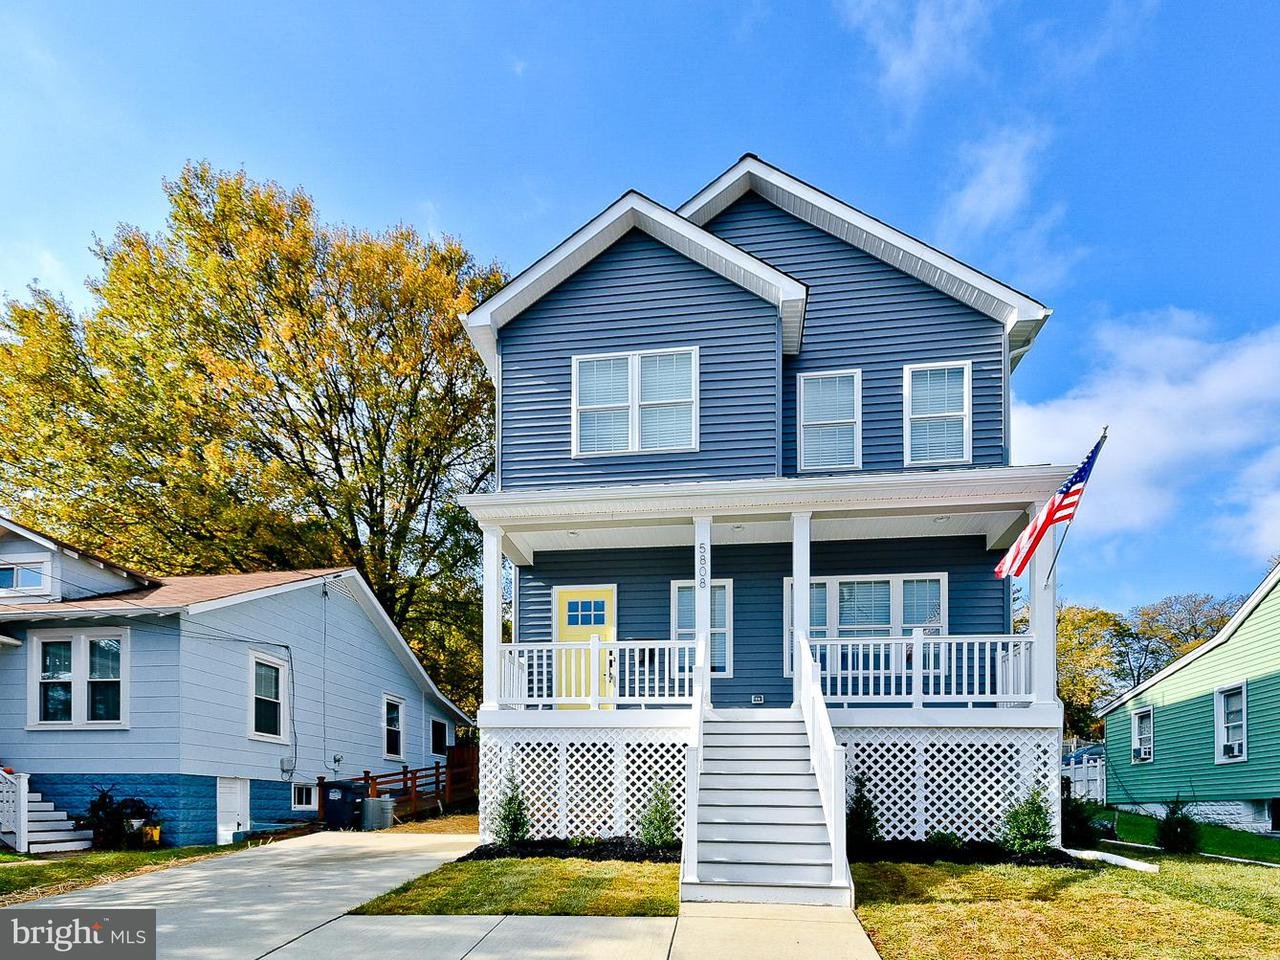 Μονοκατοικία για την Πώληση στο 5808 43RD Avenue 5808 43RD Avenue Hyattsville, Μεριλαντ 20781 Ηνωμενεσ Πολιτειεσ